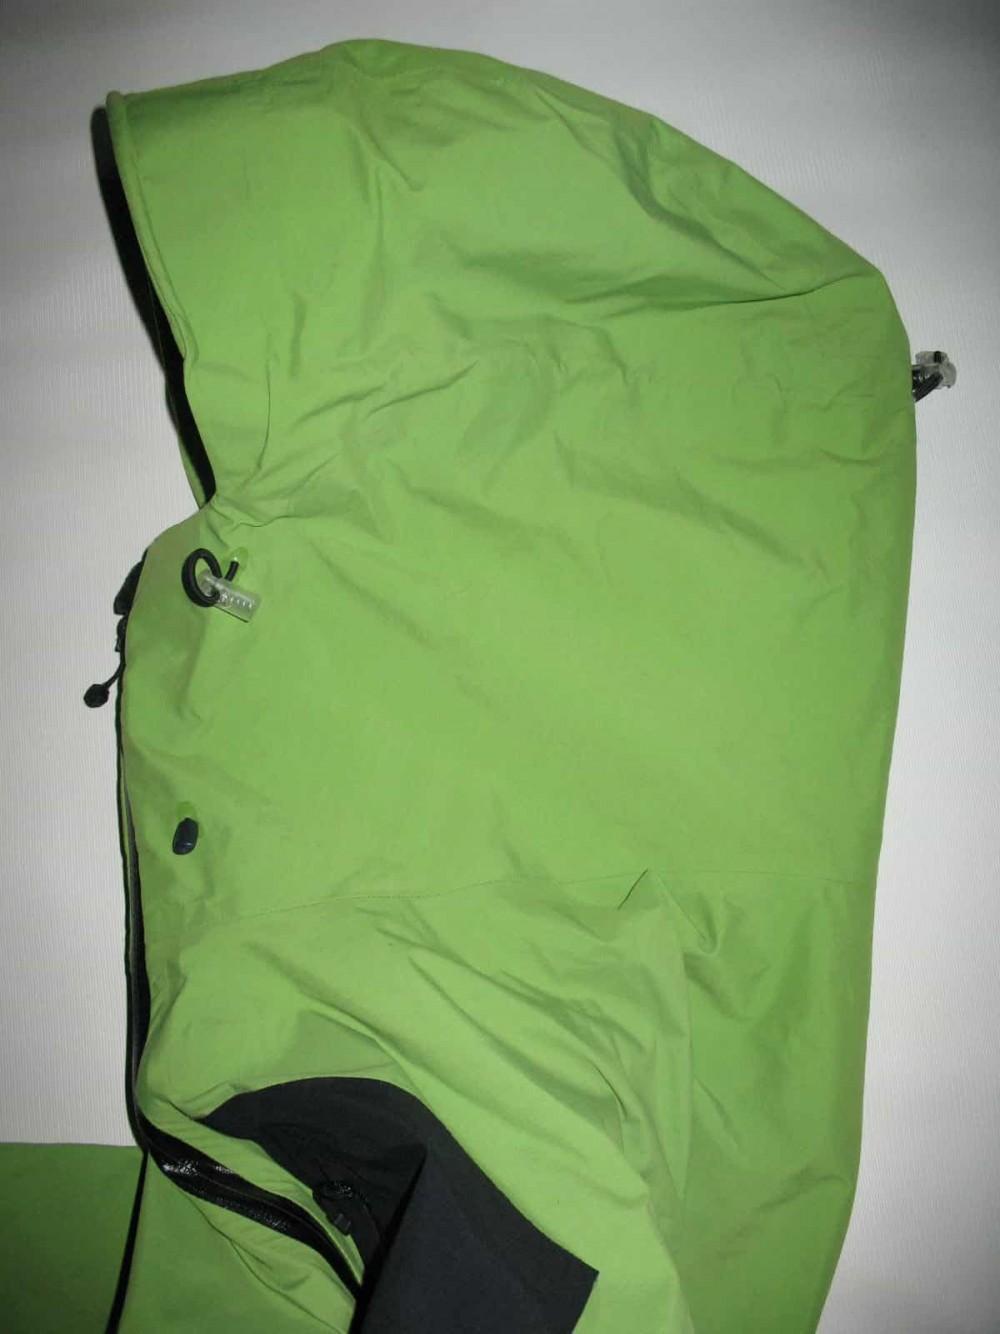 Куртка WHITEOUT by NORRONA cosmonaut hardshell jacket (размер M(реально L/XL) - 8